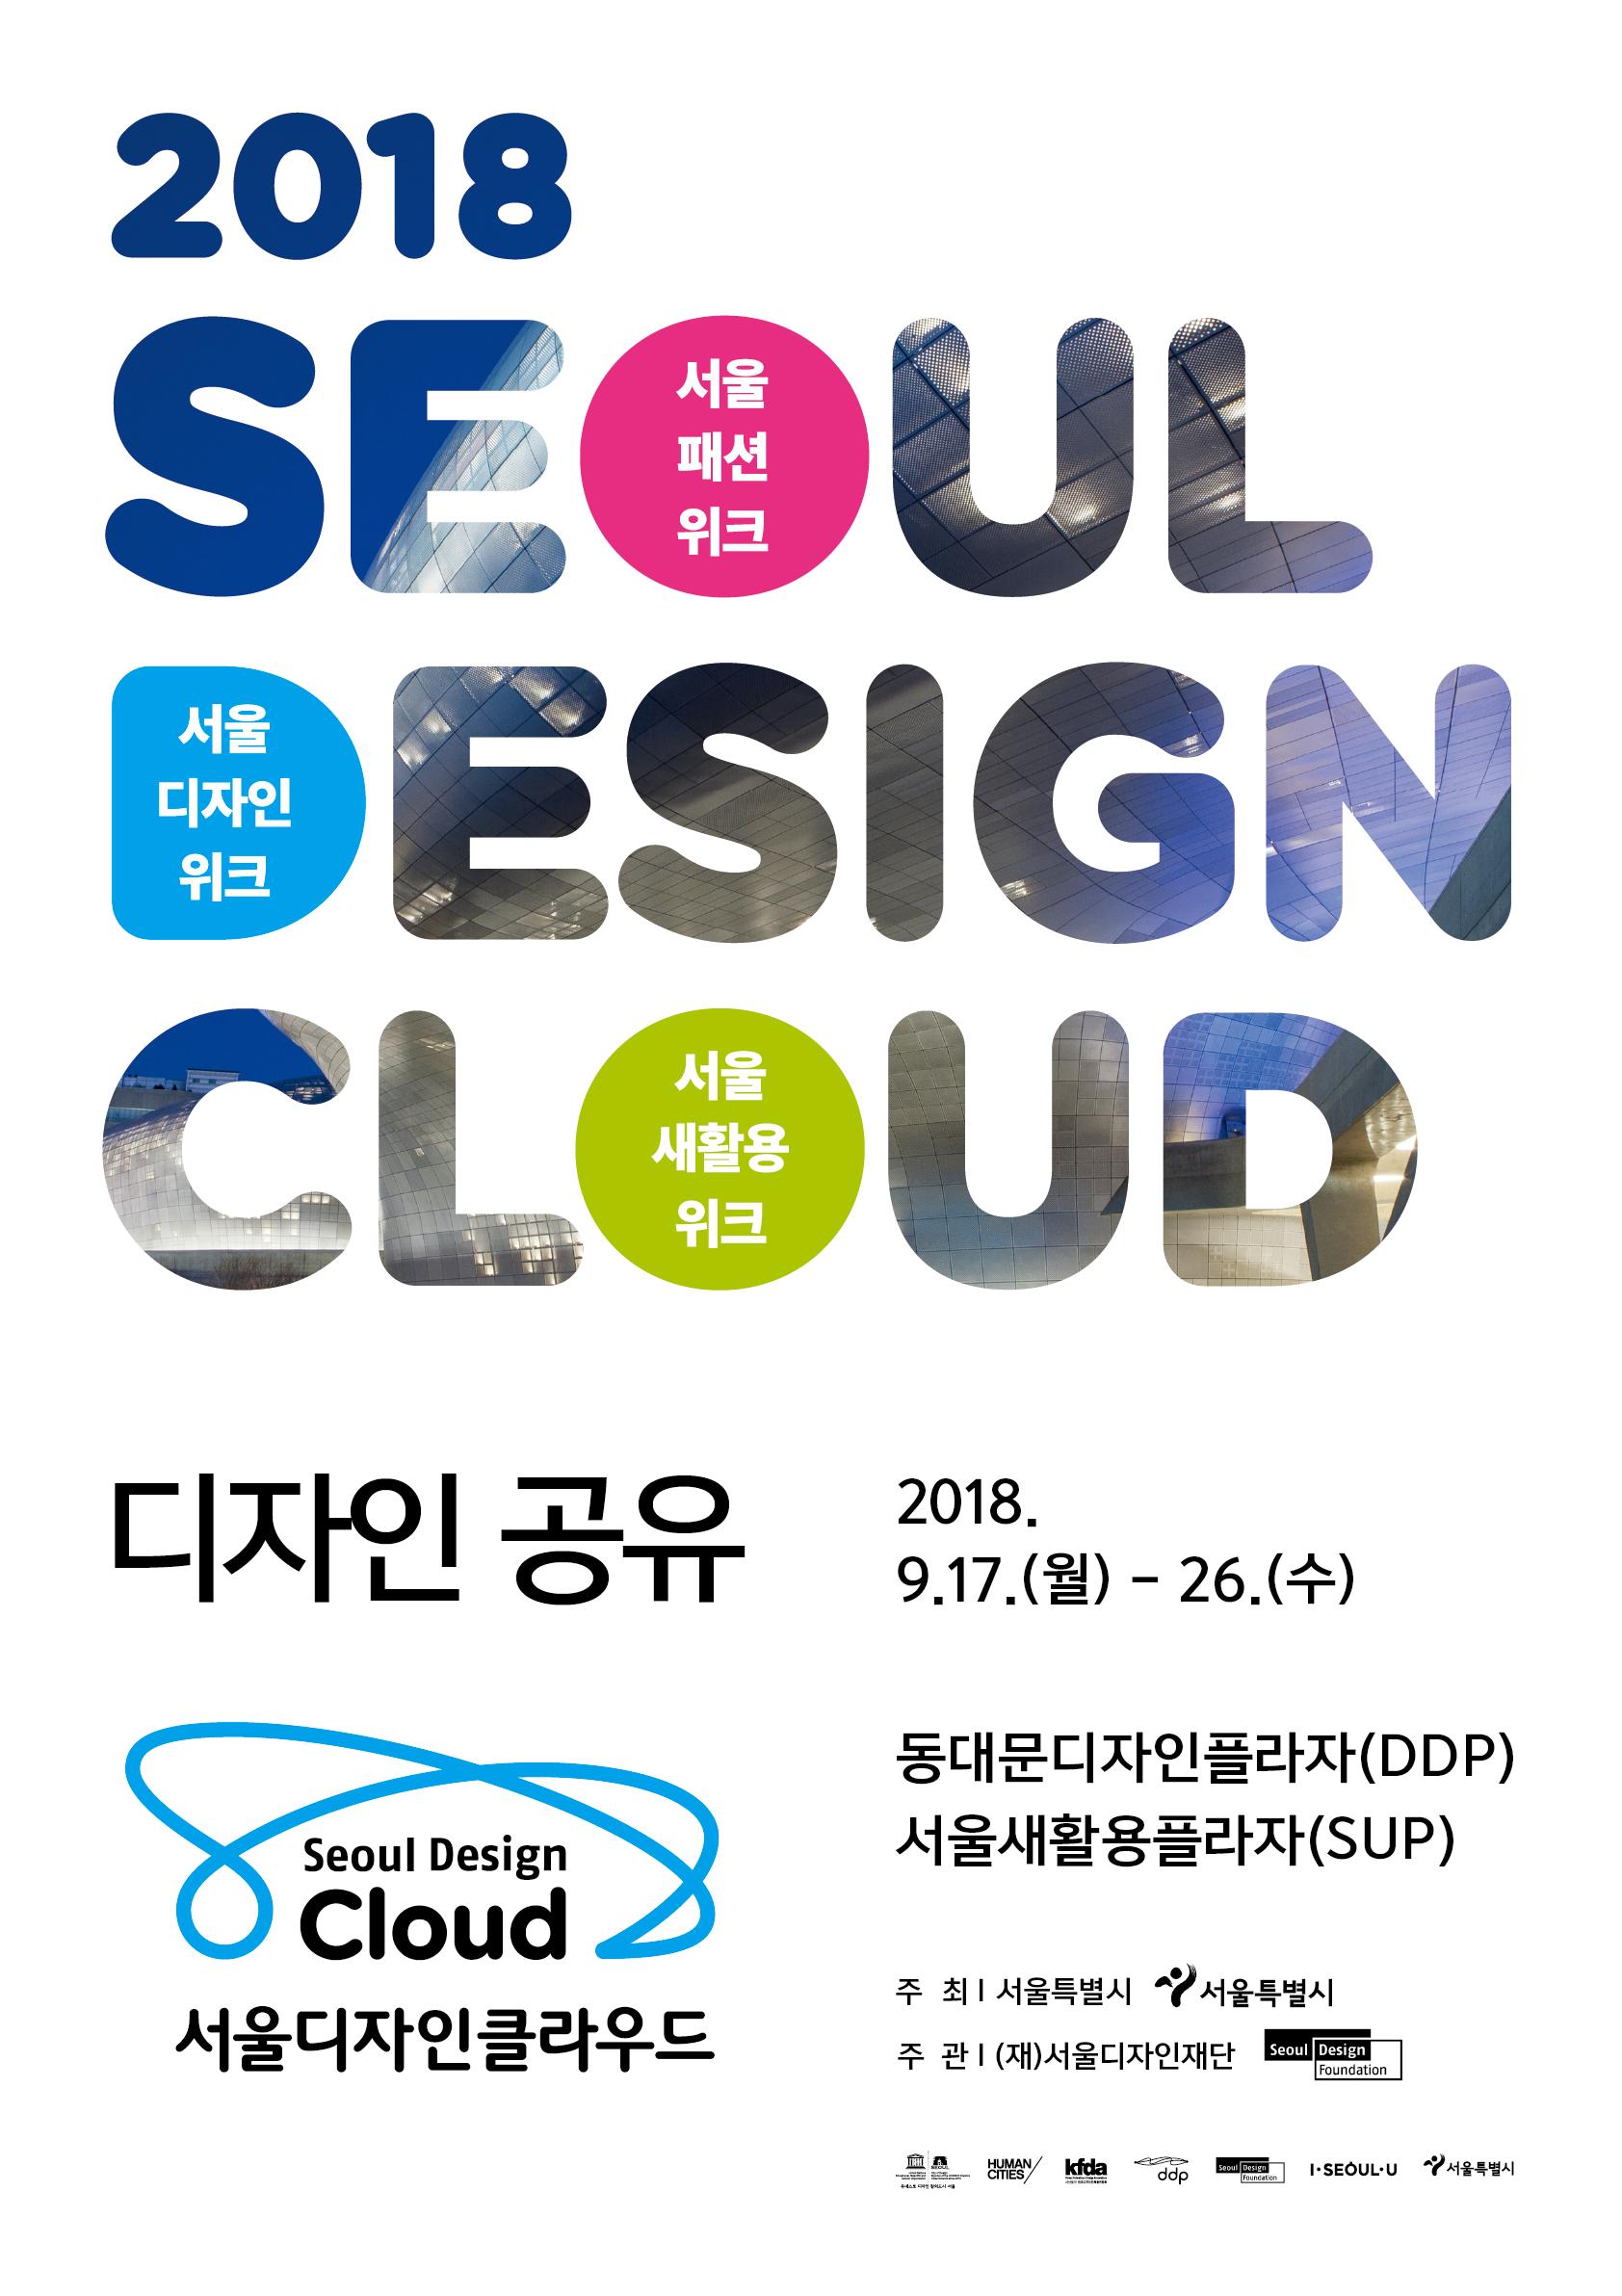 서울디자인클라우드포스터+이미지